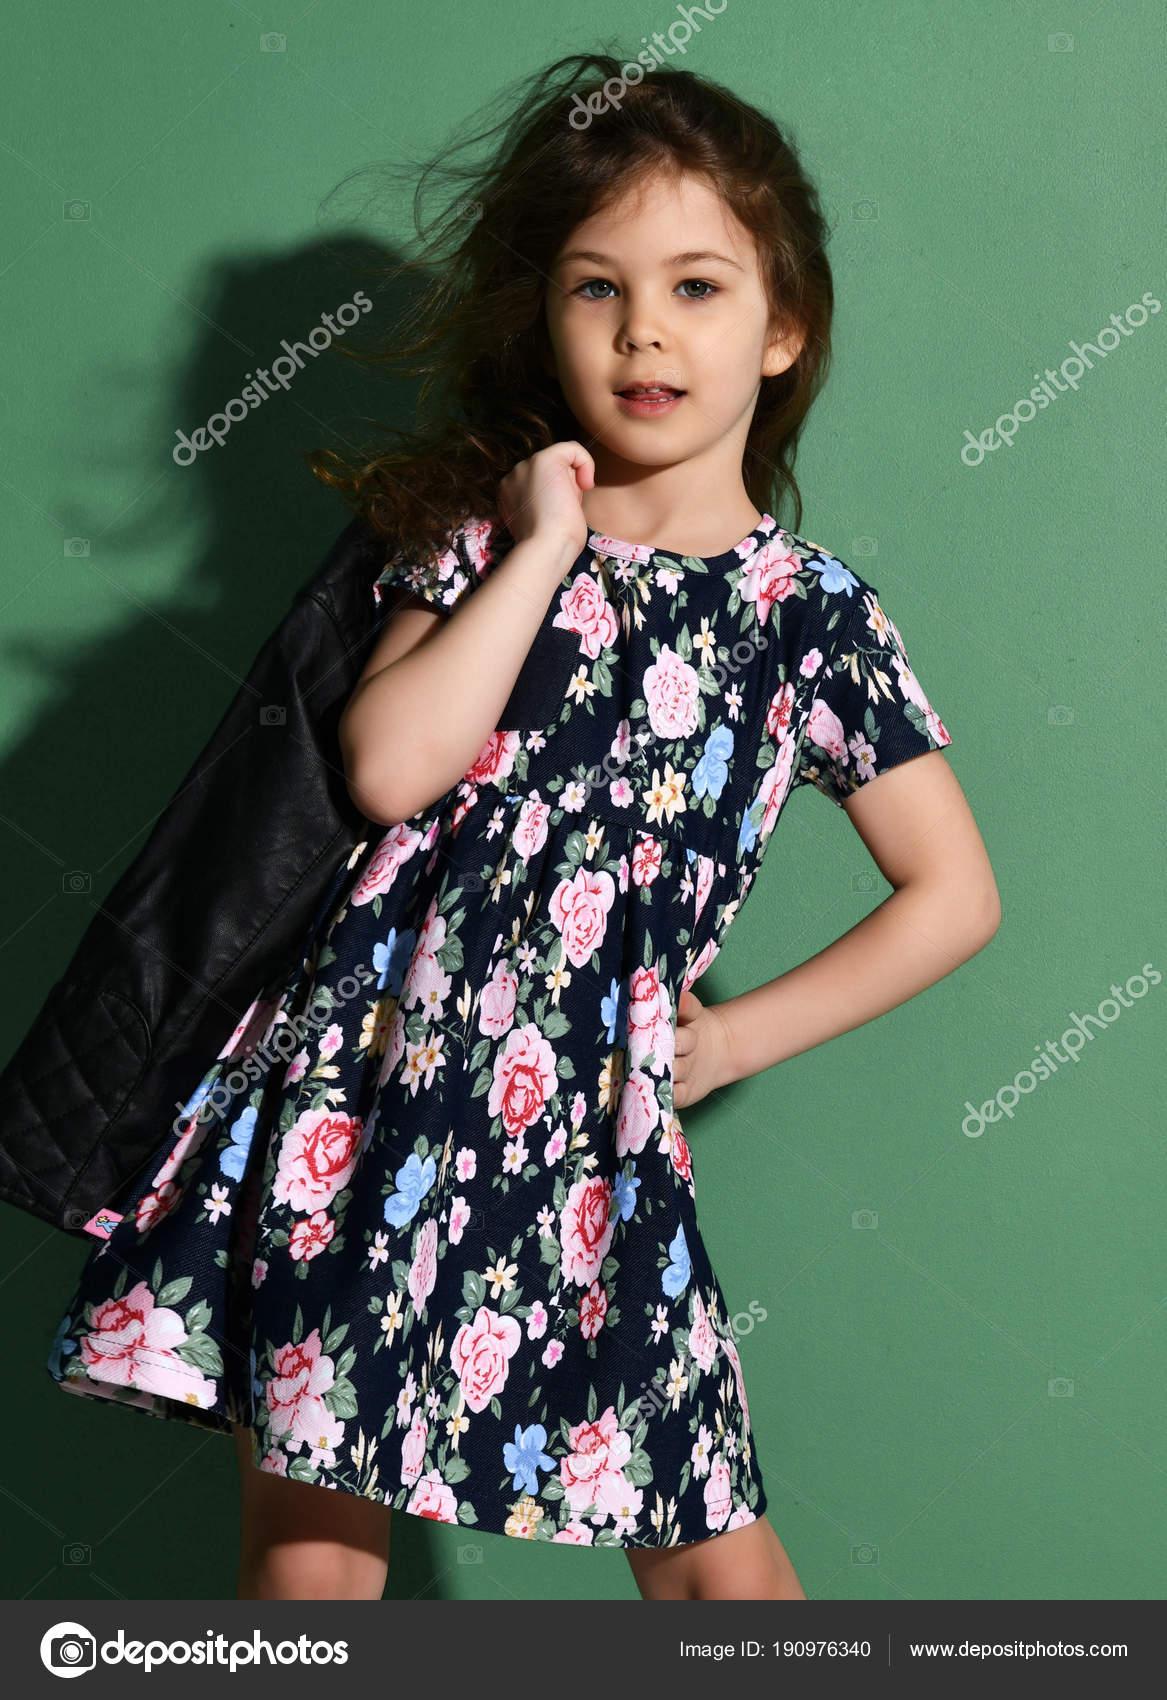 Mladý kluk pět let stará dívka pózuje v letních šatech na zelené– stock  obrázky bbd02e9db2